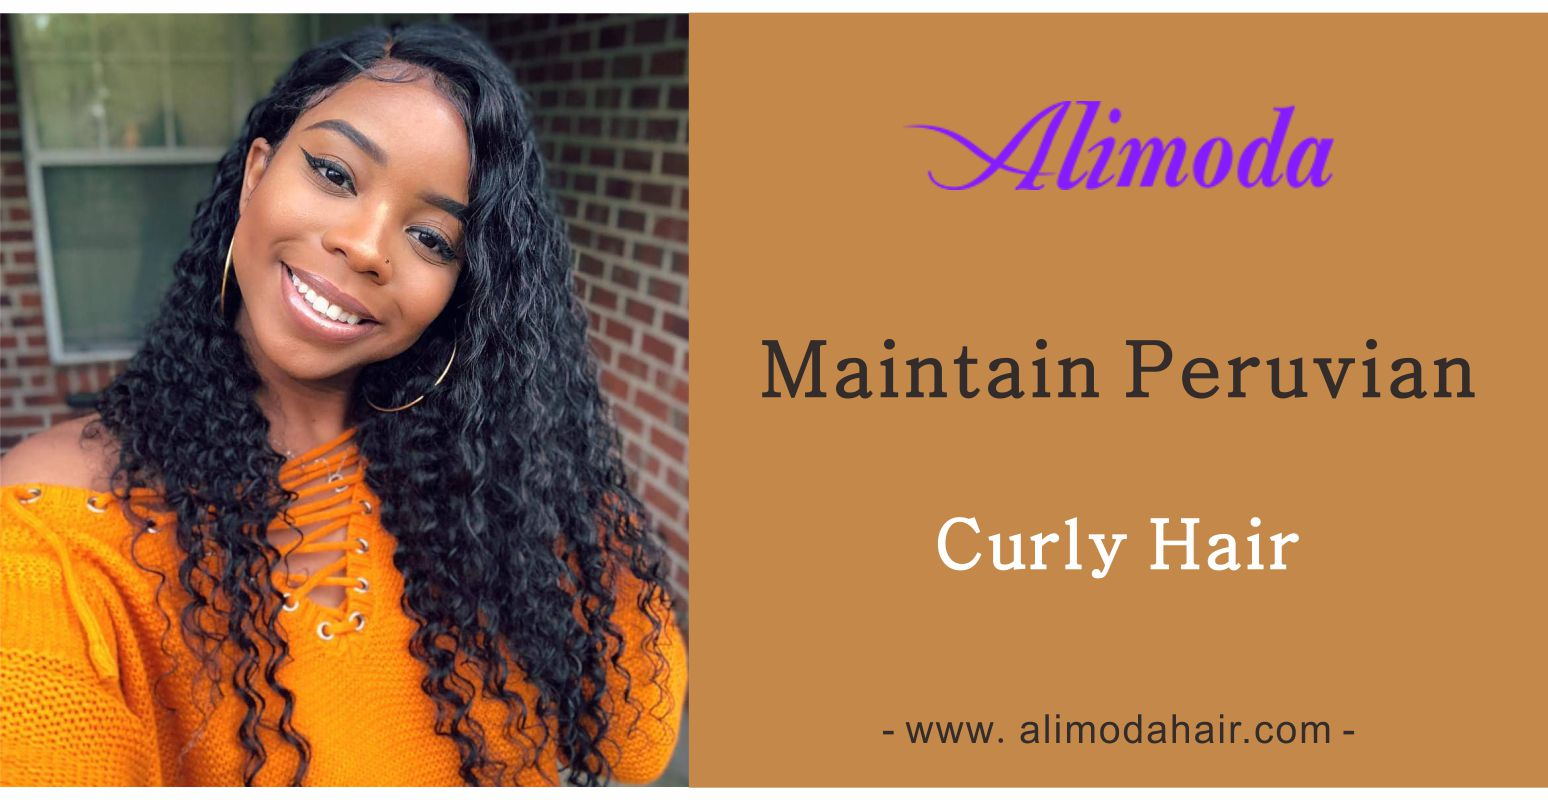 Maintain Peruvian curly hair